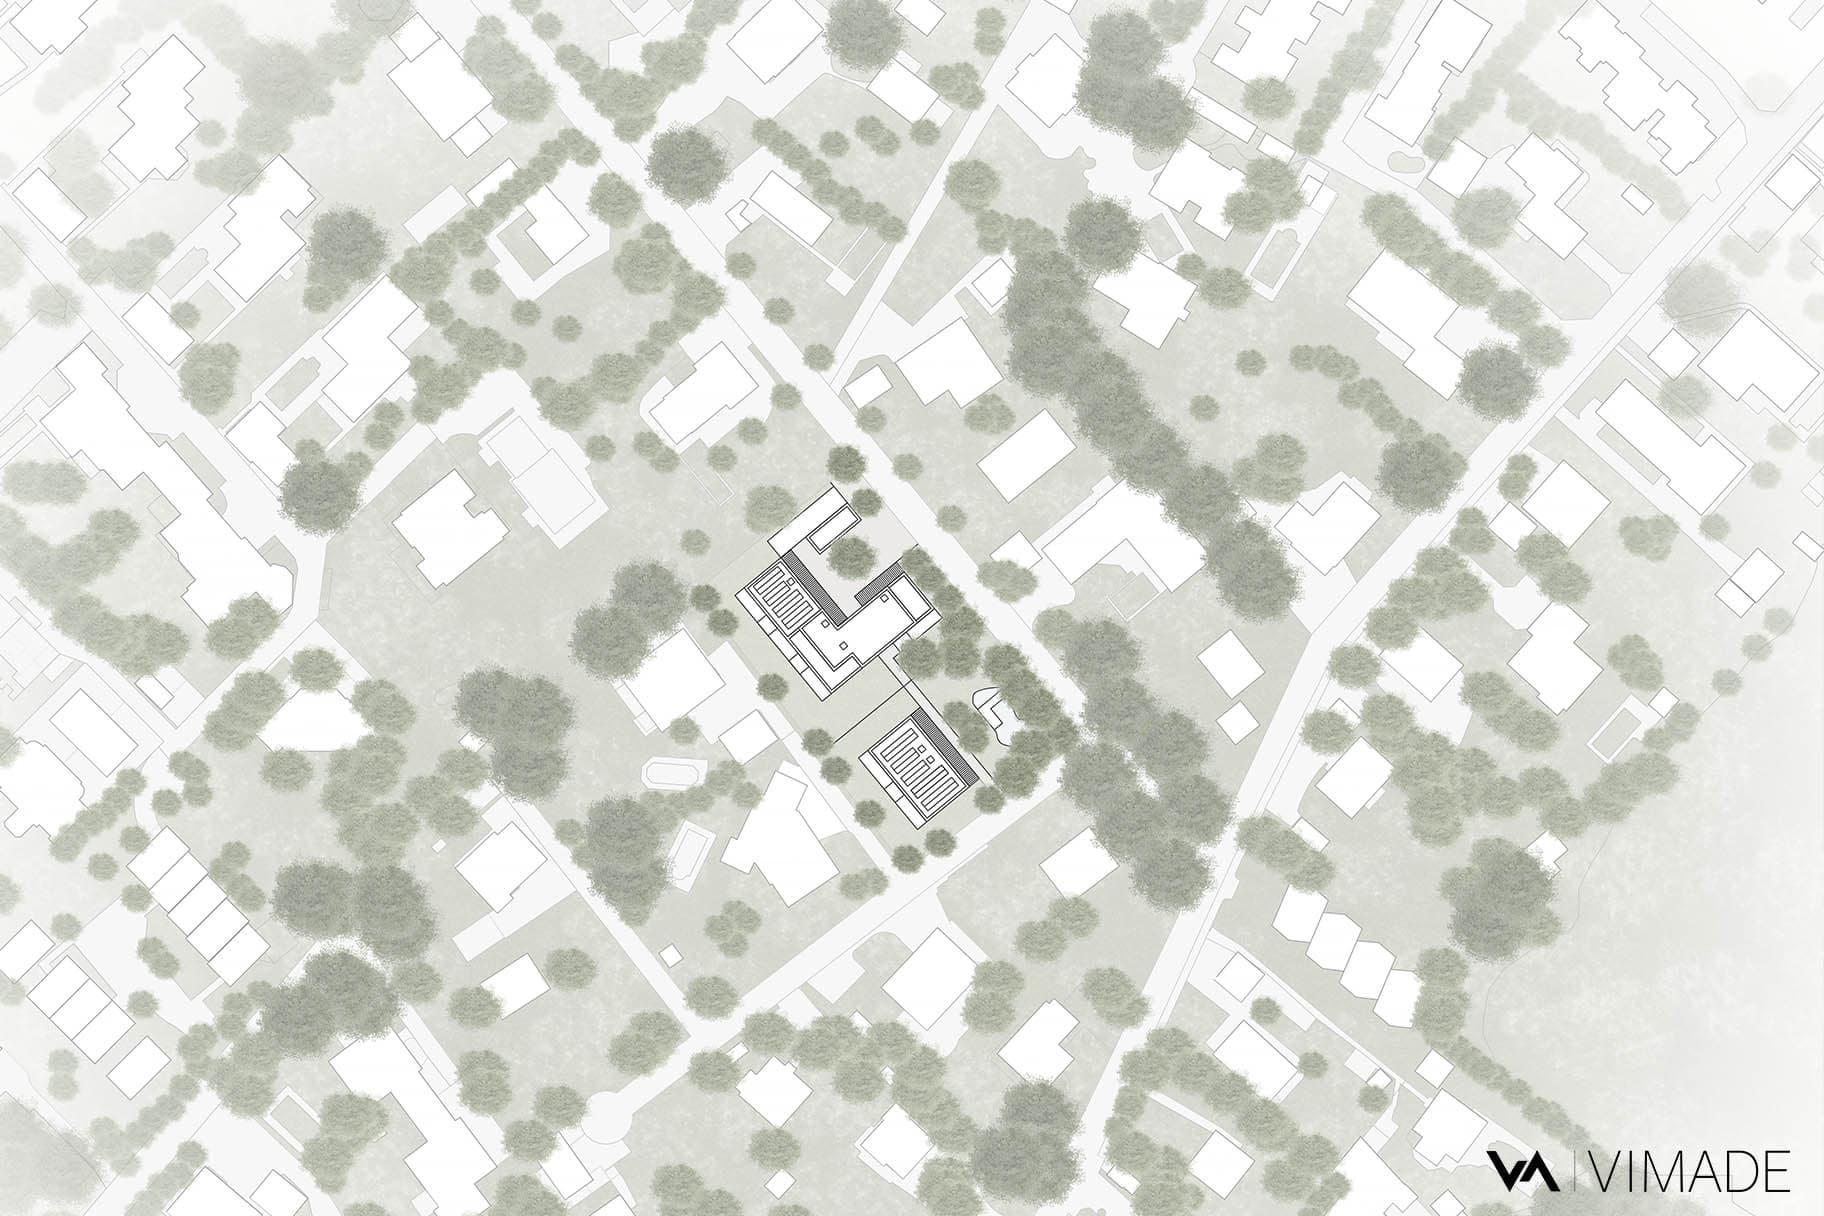 Projet d'aménagement paysager écologique pour des logement collectifs à Pinchat, Veyrier par VIMADE Architectes paysagistes.